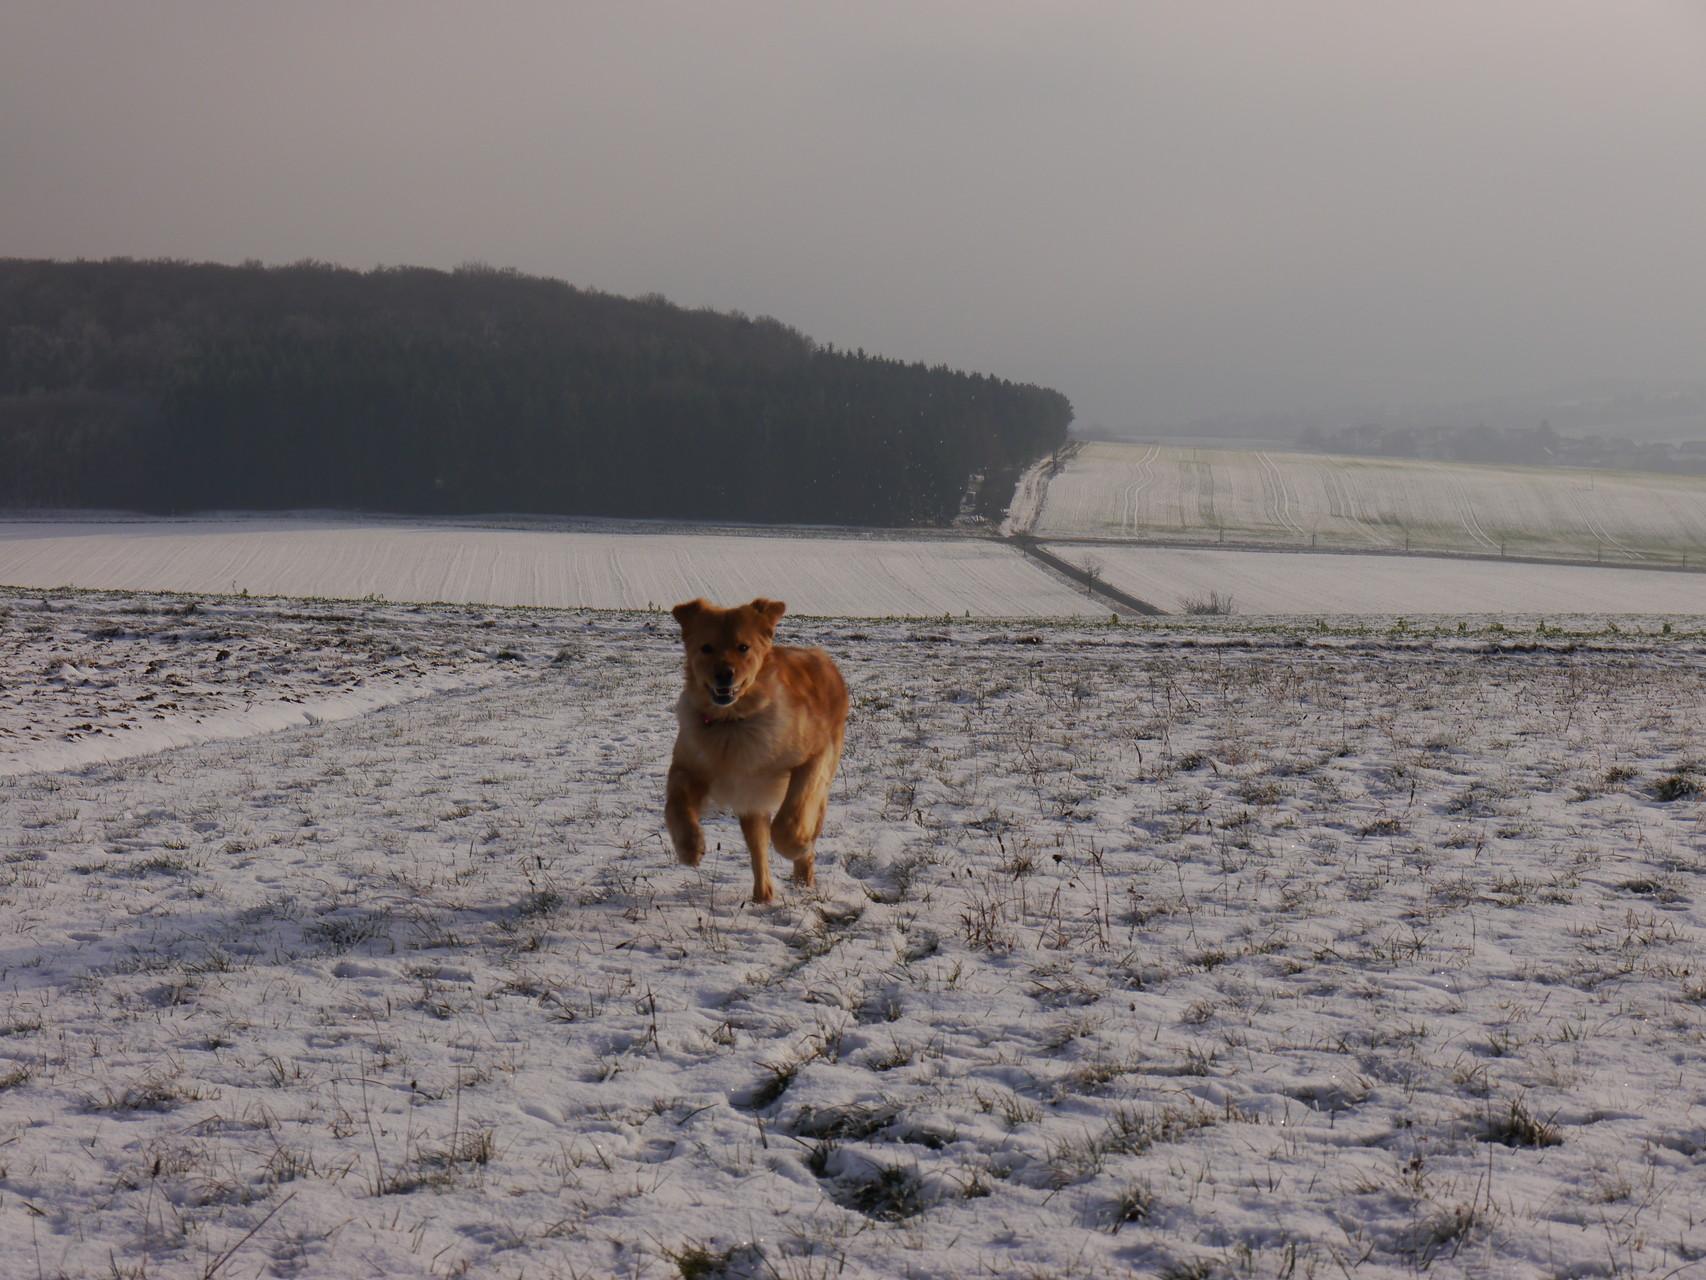 hier und da ist wenigstens Schnee zu finden, wenn auch nur dünn